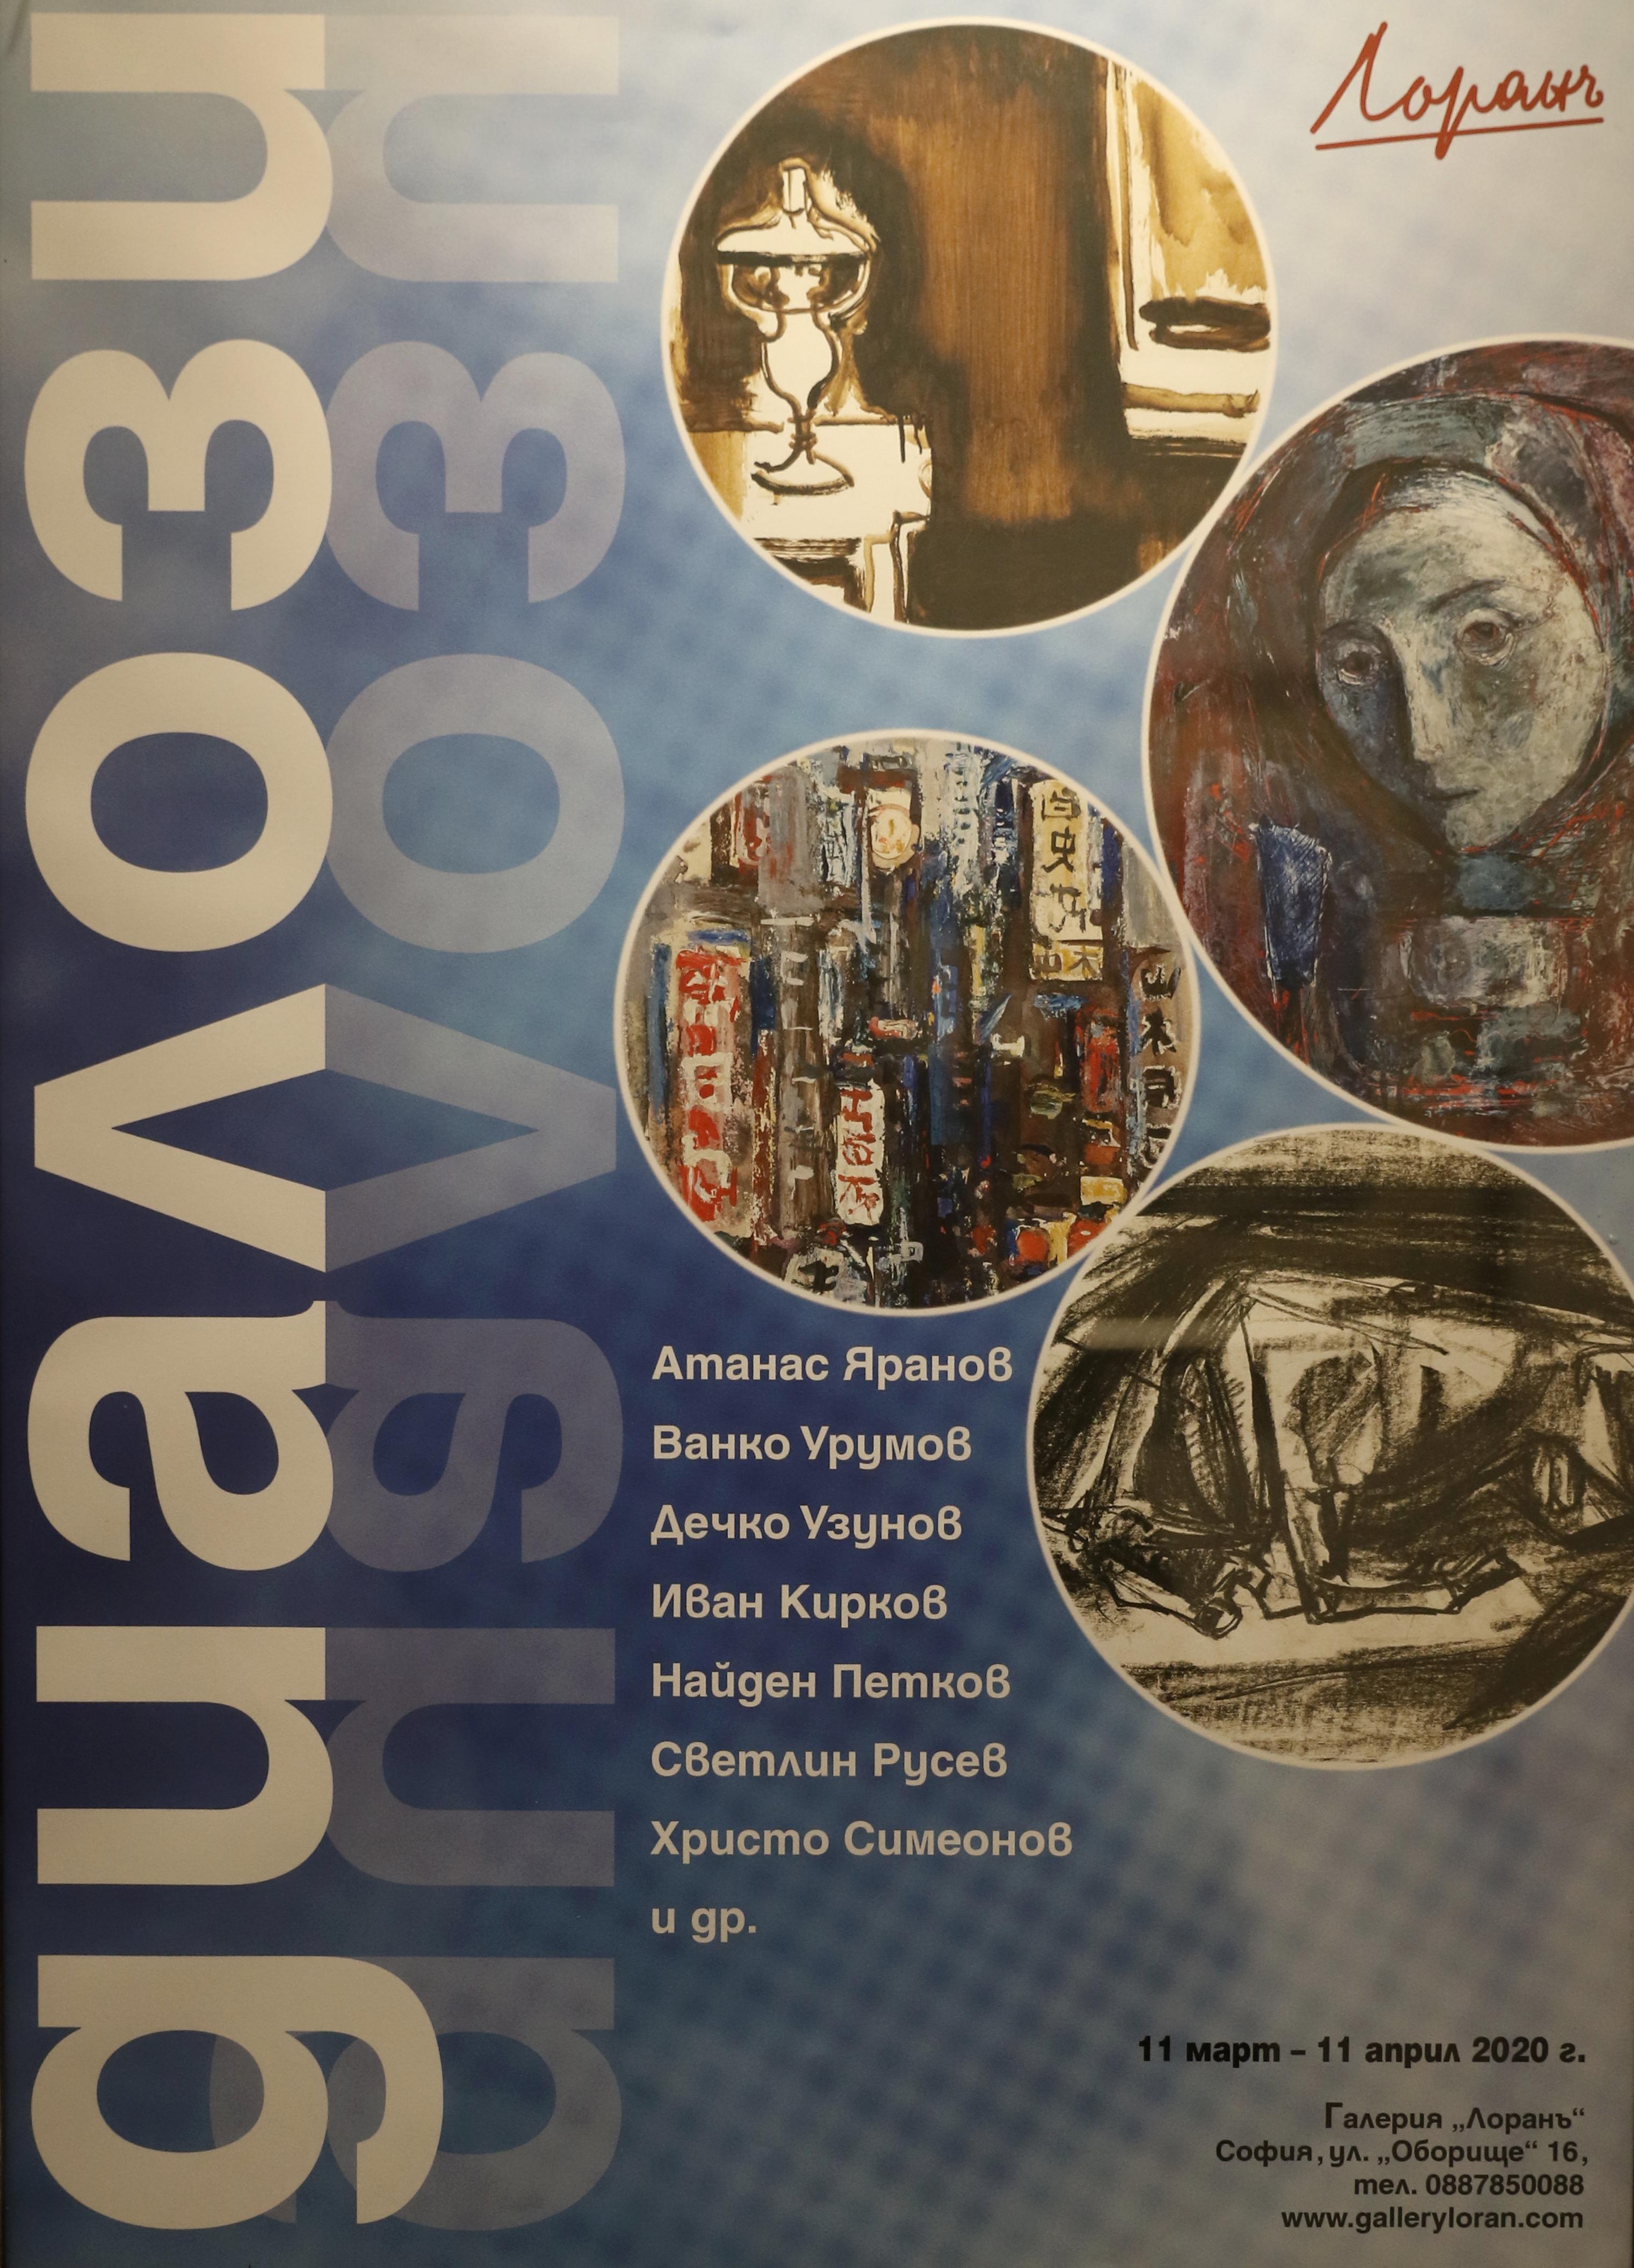 <p>Изложбата &bdquo;Диалози&rdquo;, може да бъде видяна до 11 април 2020 г. в Галерия &bdquo;Лоранъ&rdquo; на ул. &quot;Оборище&quot; 16 (вход от ул. &quot;Васил Априлов&quot;)</p>